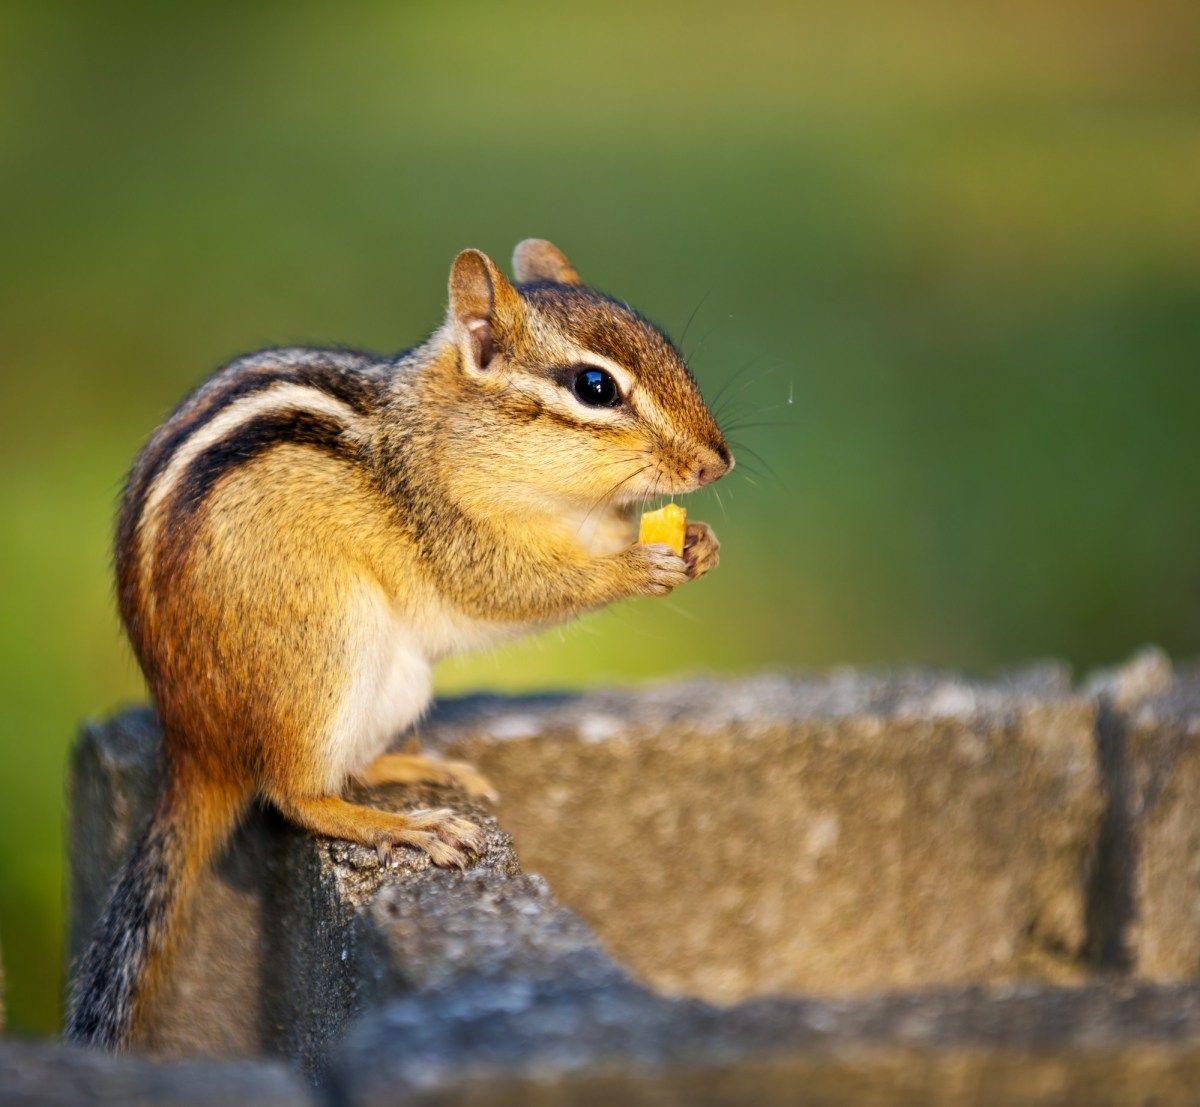 Best trap for chipmunkshow to get rid of chipmunks under